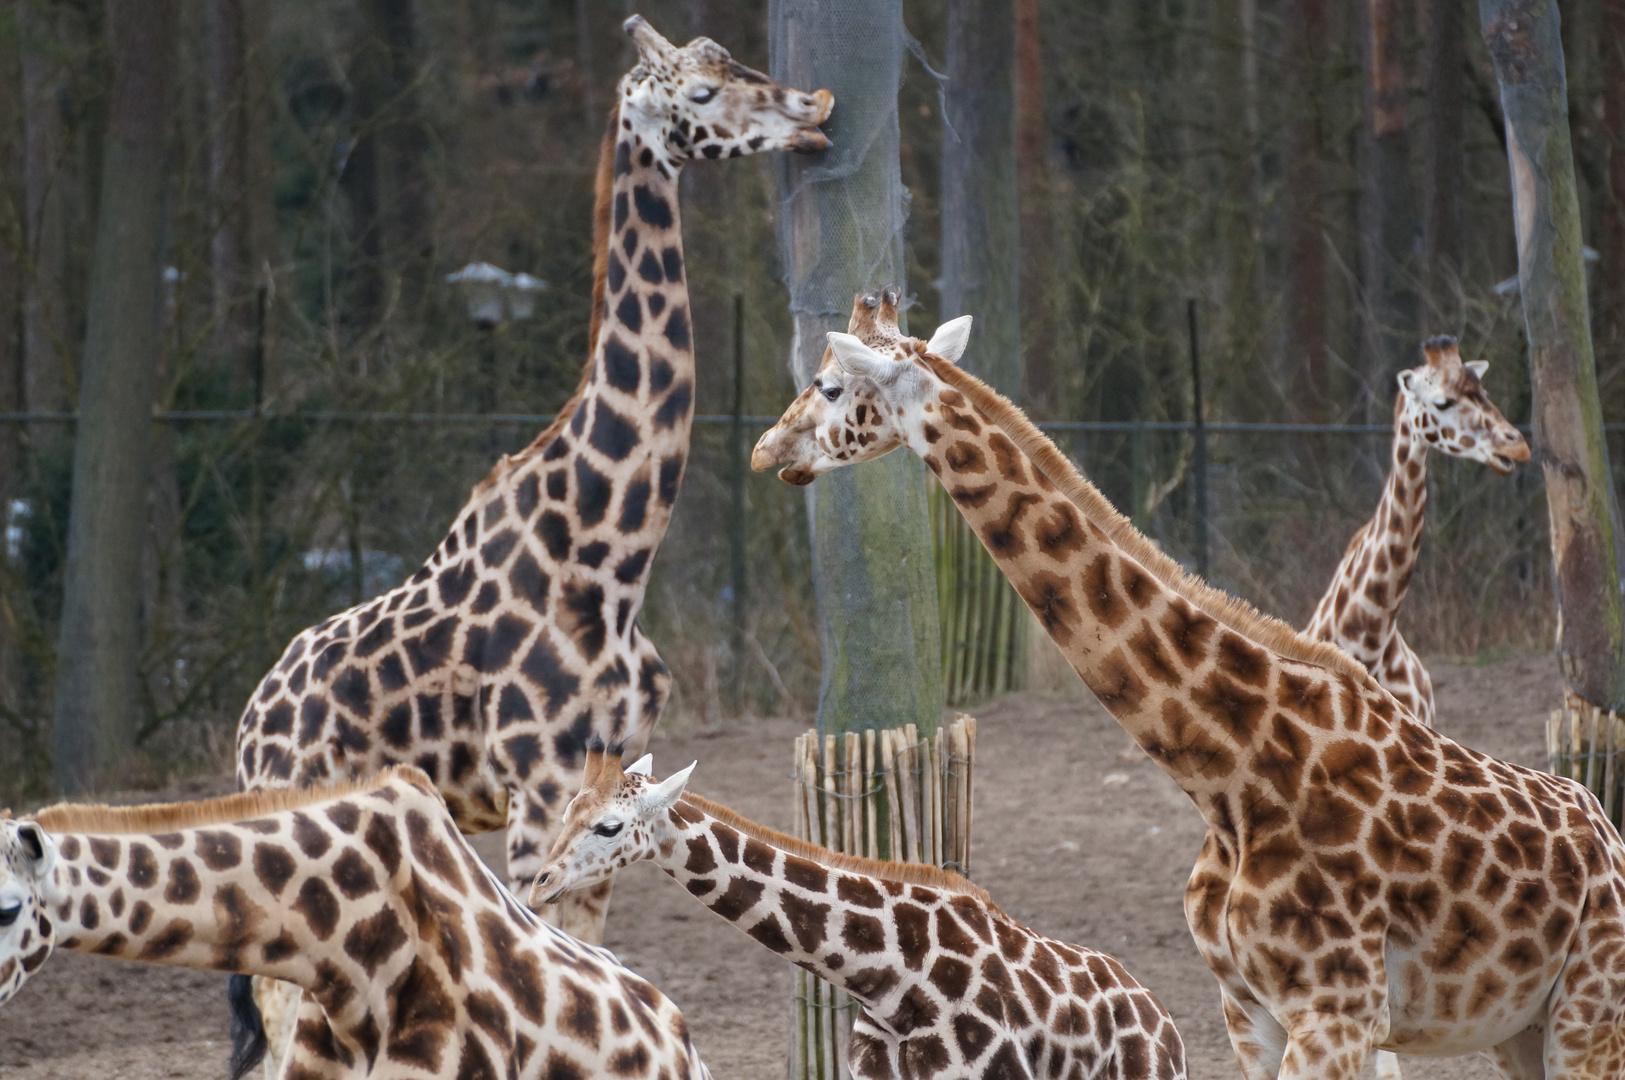 Tanz der Giraffen